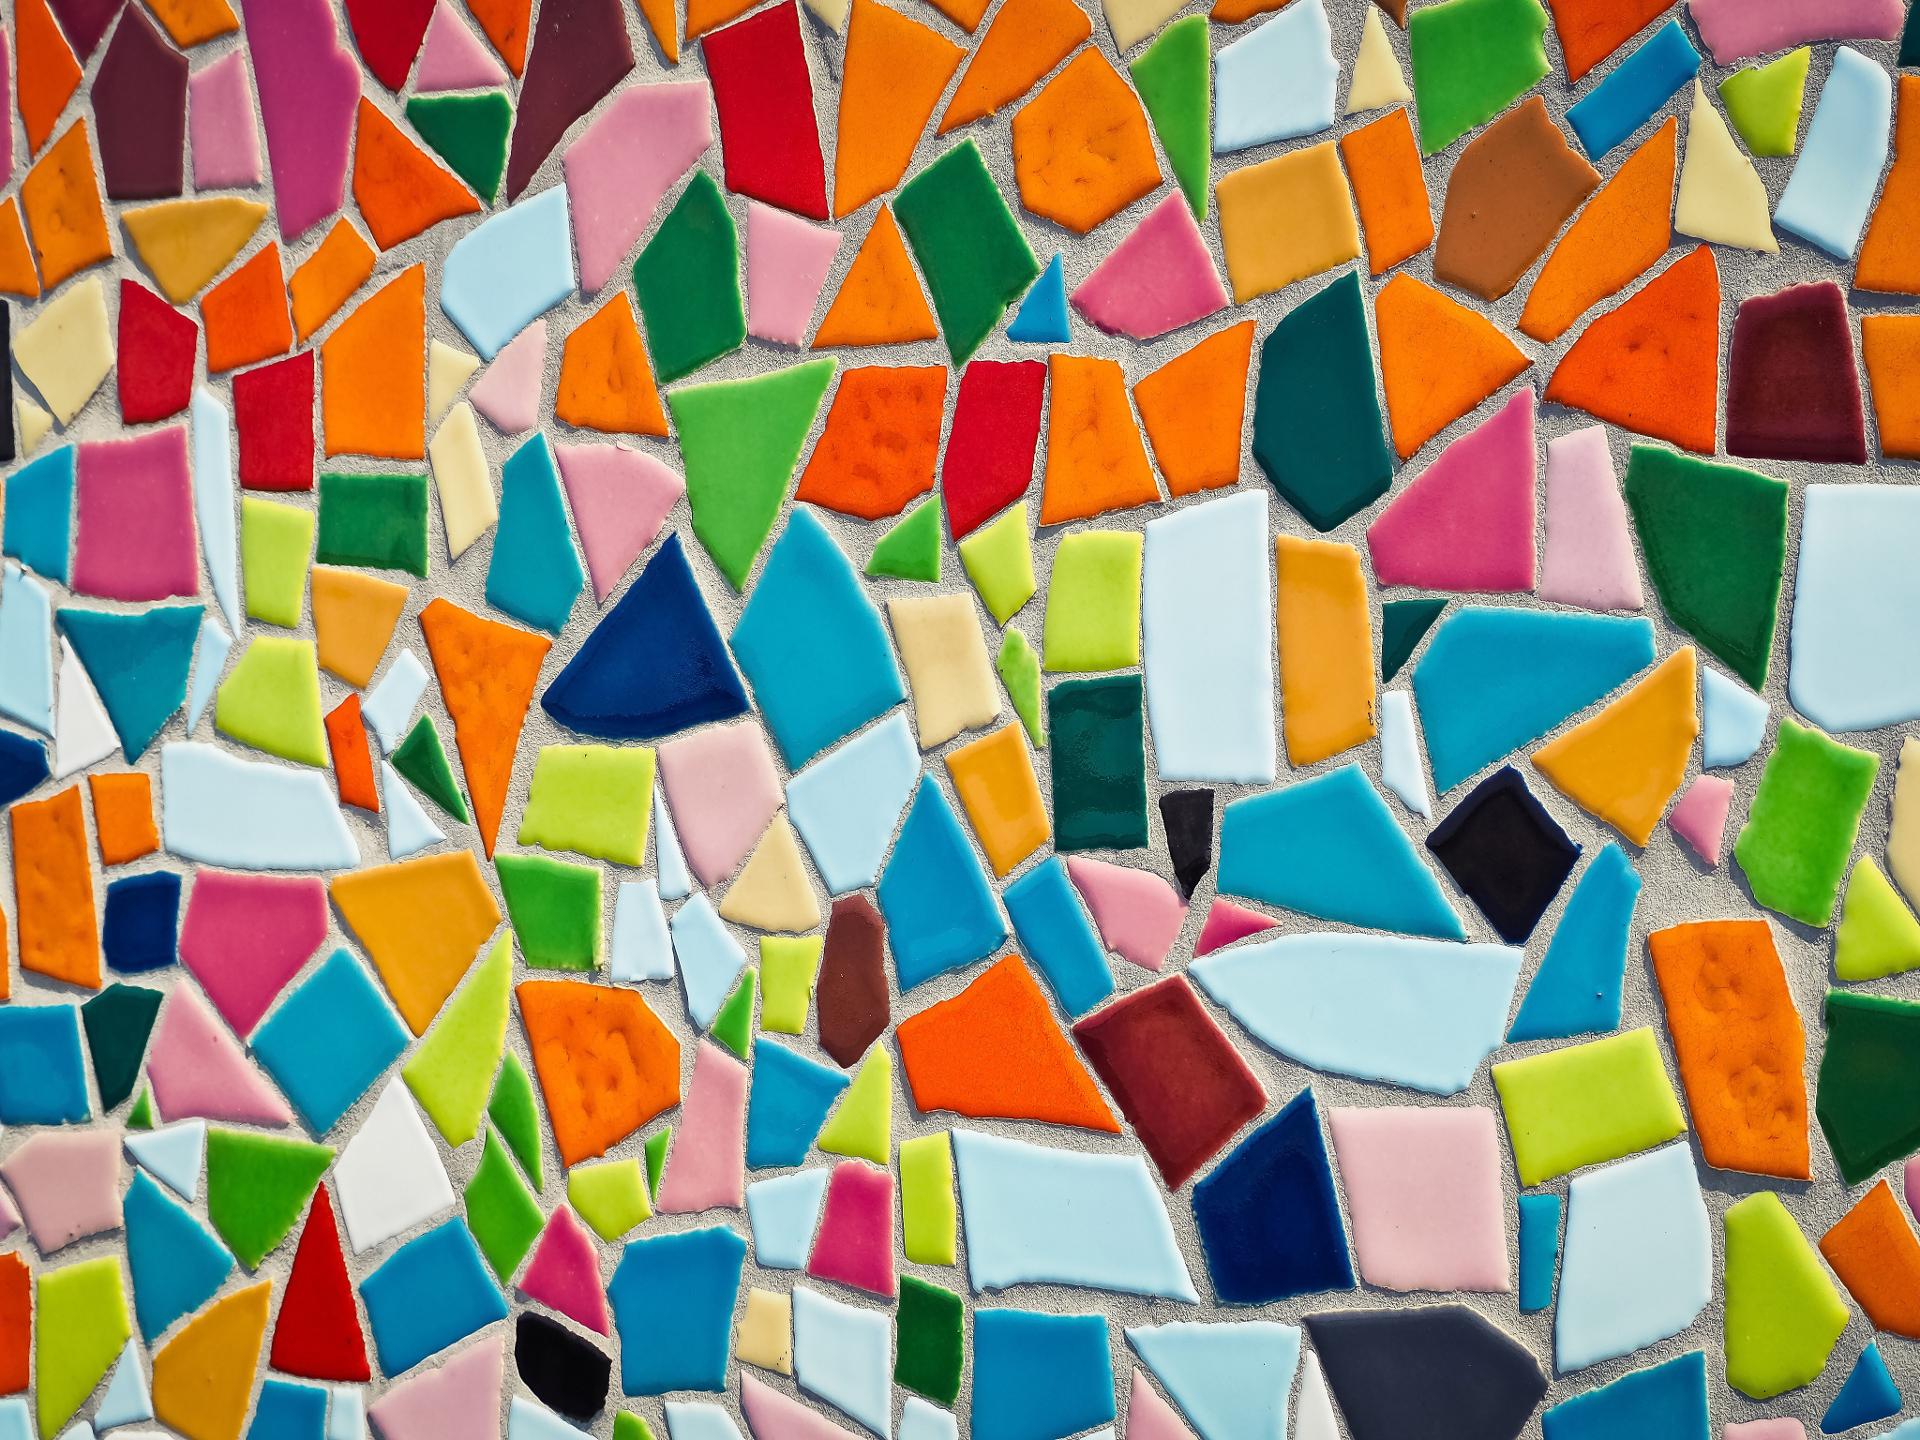 Unterschiedliche zerbrochene Fliesen können zu einem spannenden Mosaik kreativ zusammengesetzt werden. - Photocredit: pixabay.com/MichaelGaida